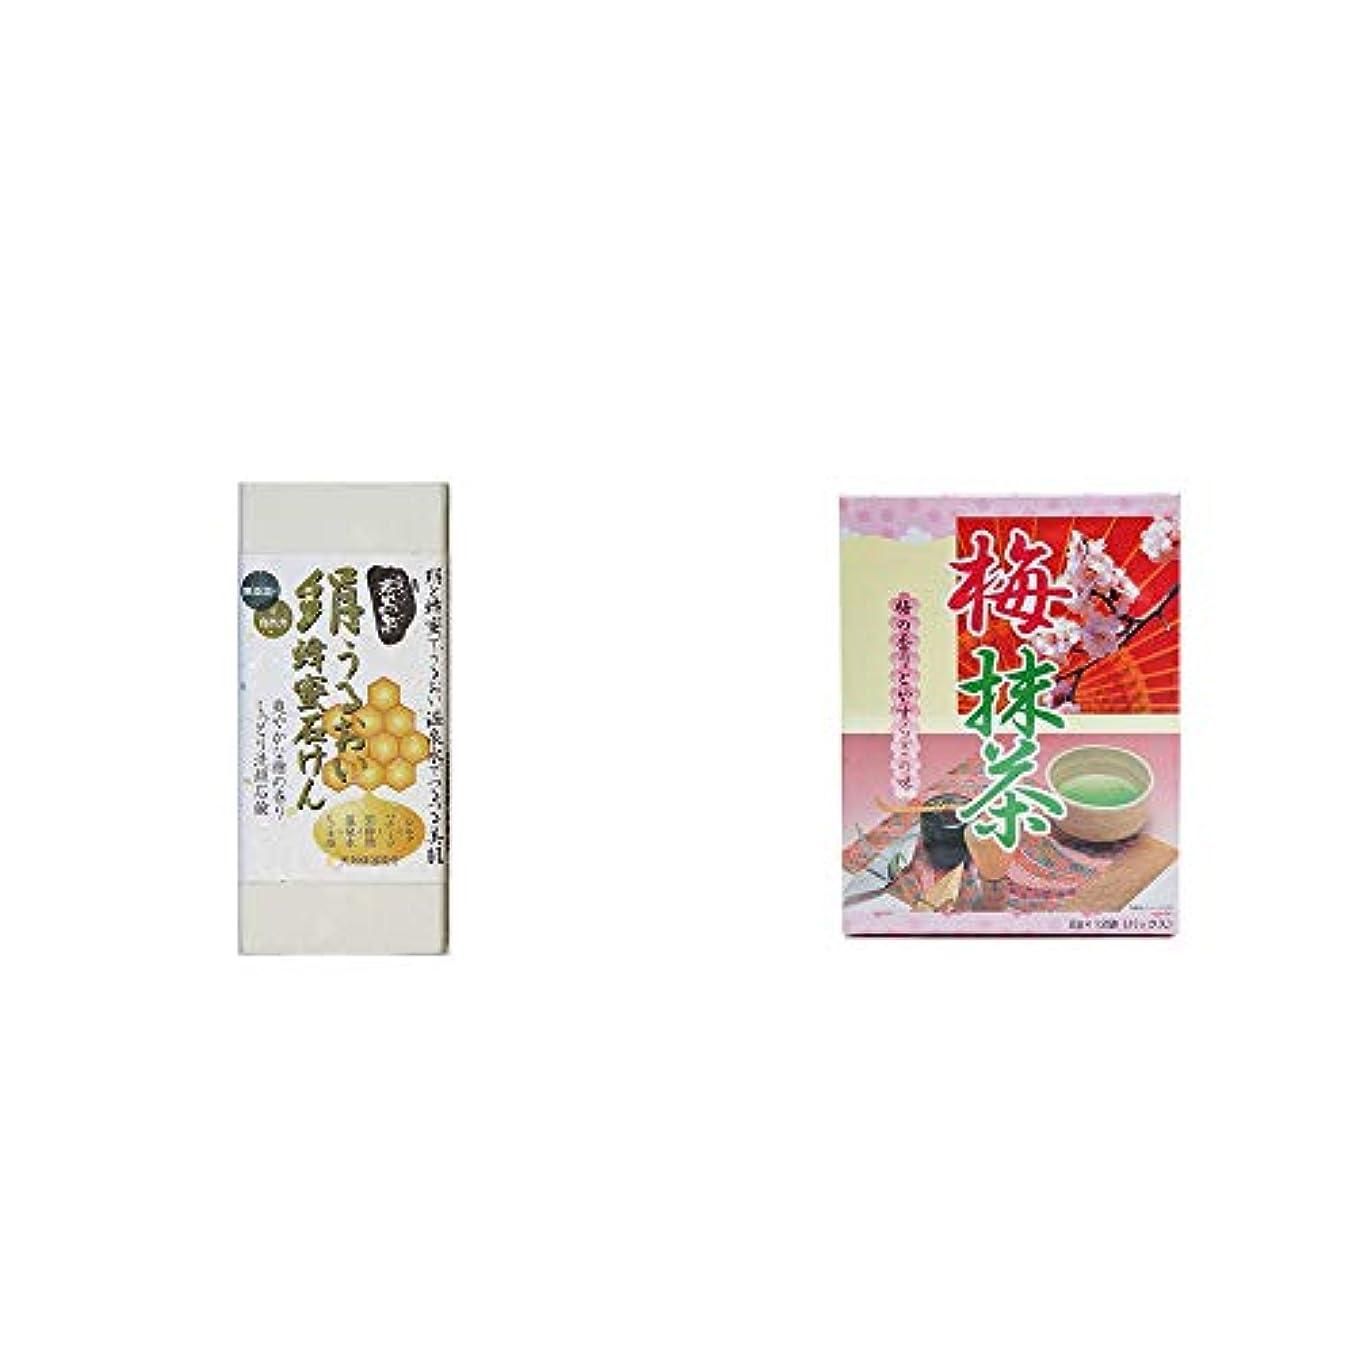 太い期待するディレクトリ[2点セット] ひのき炭黒泉 絹うるおい蜂蜜石けん(75g×2)?梅抹茶[小](12袋)